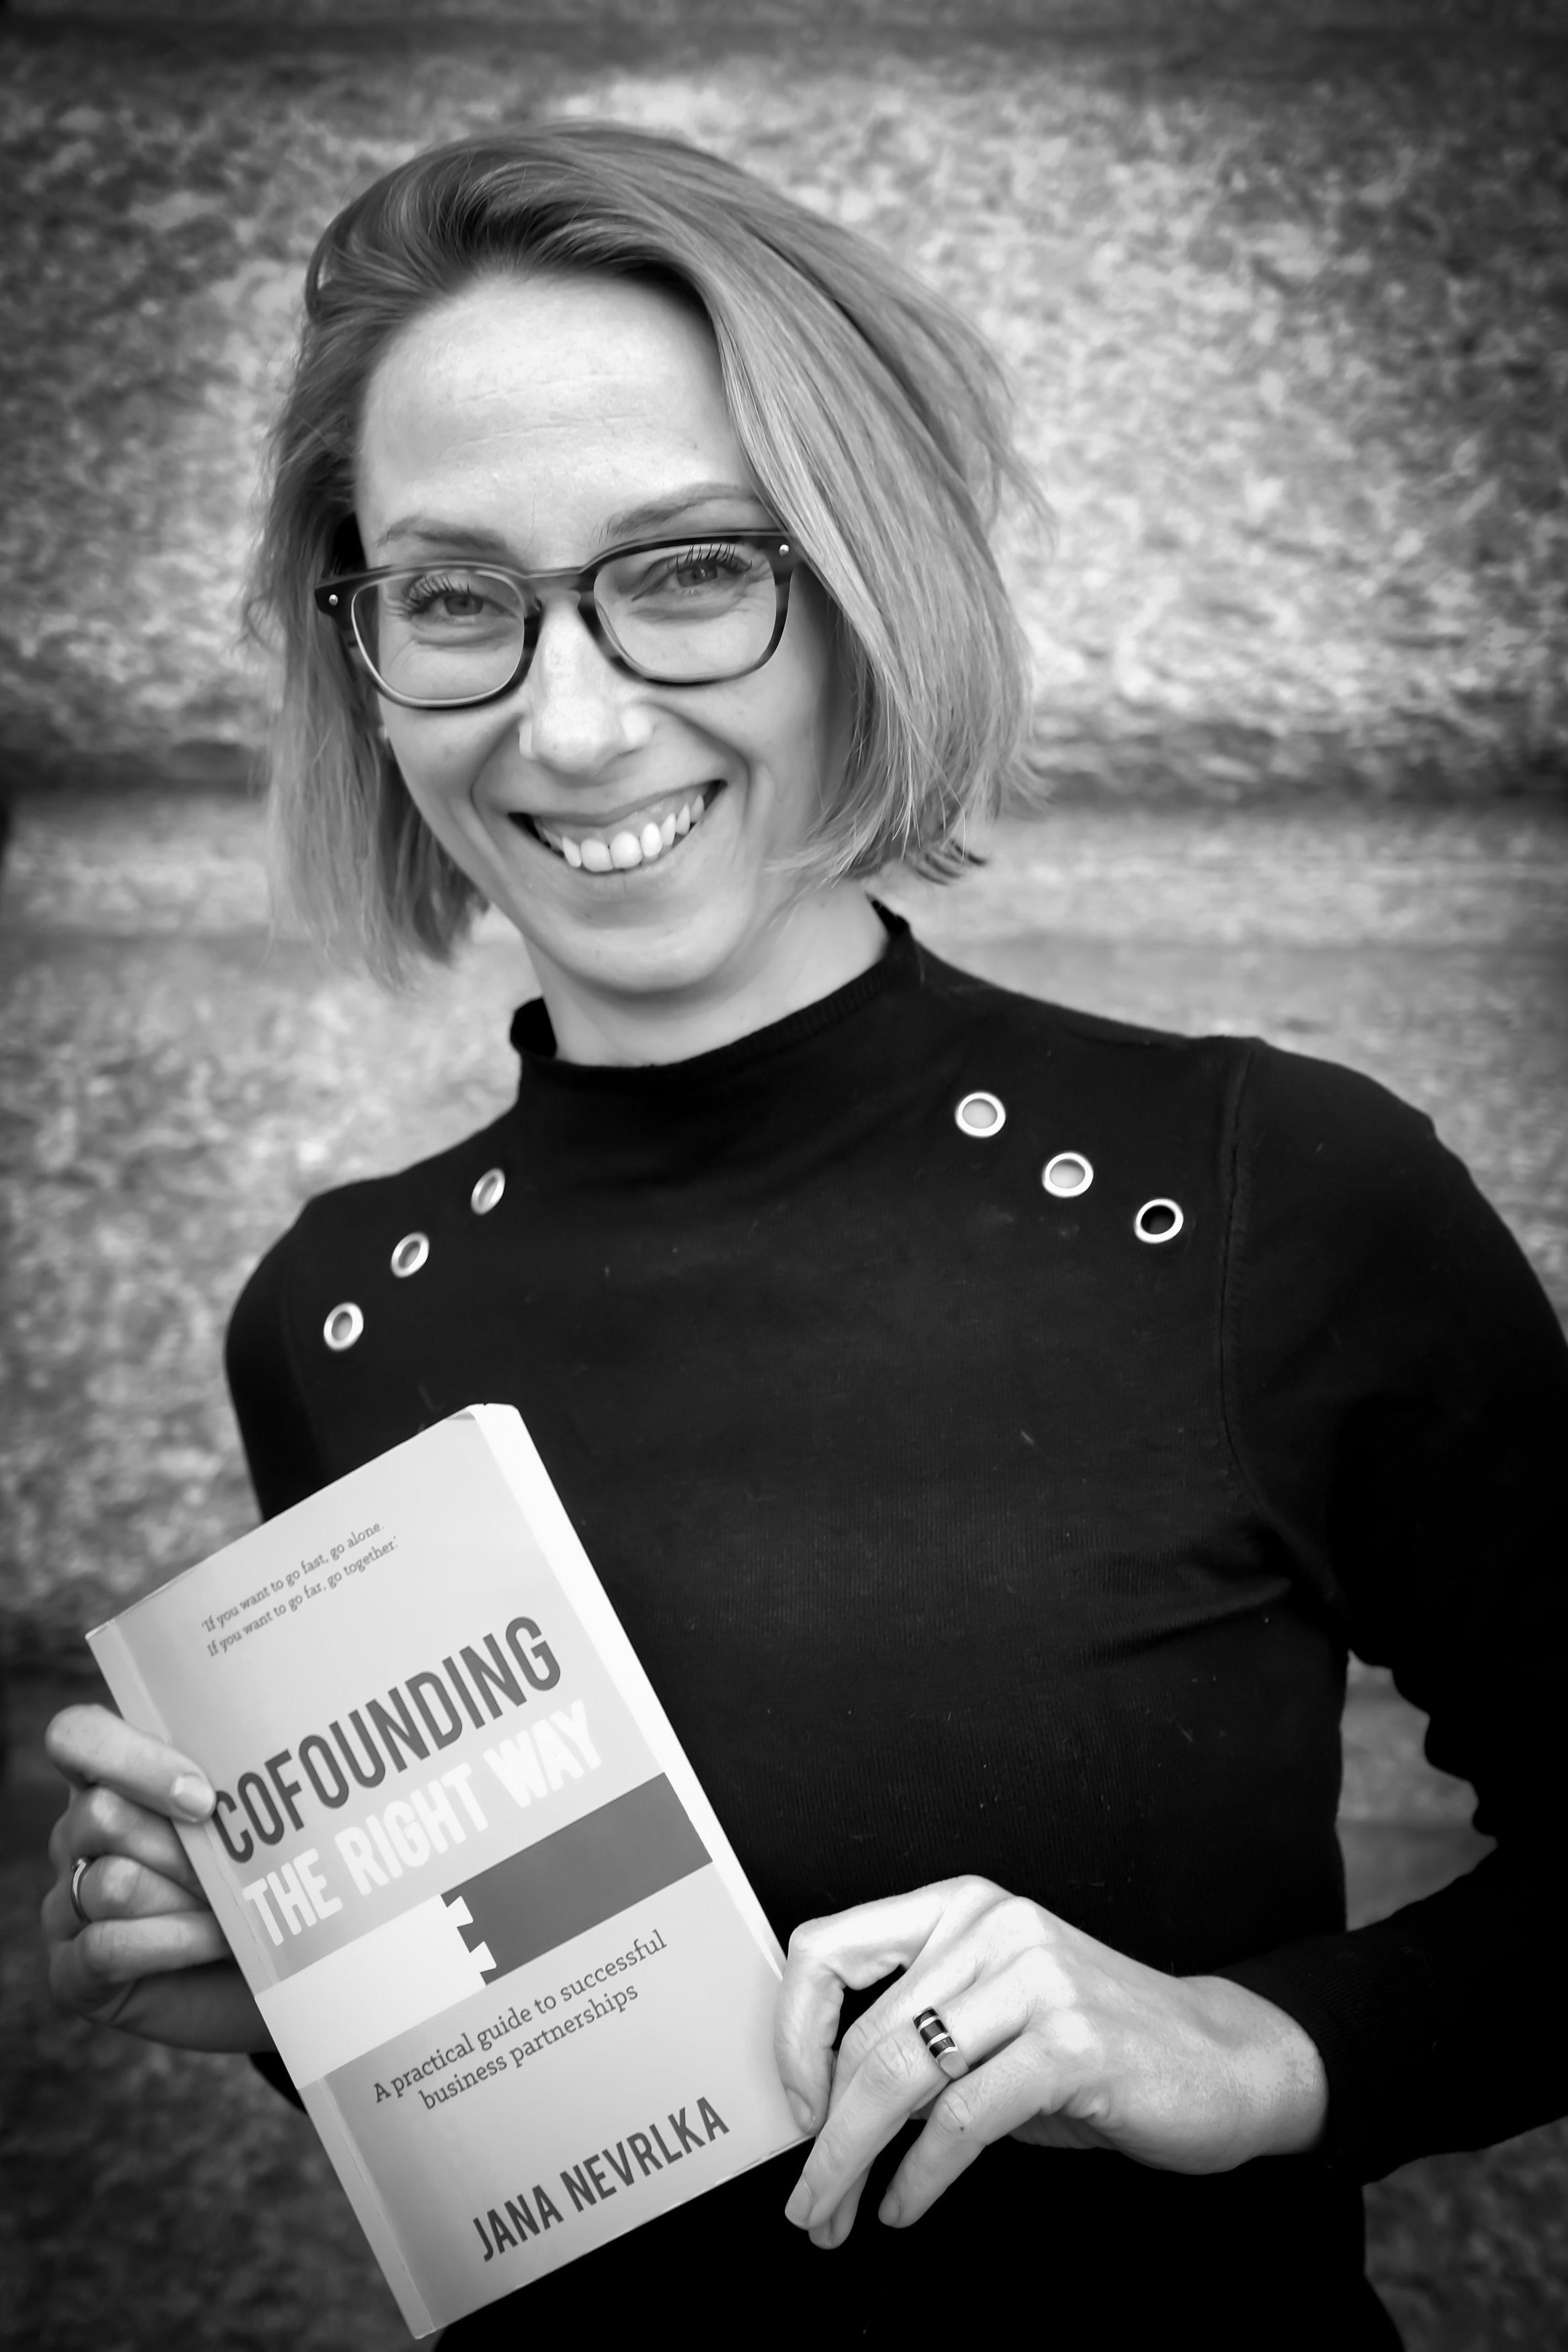 Cofounding-Jana-Book.jpg